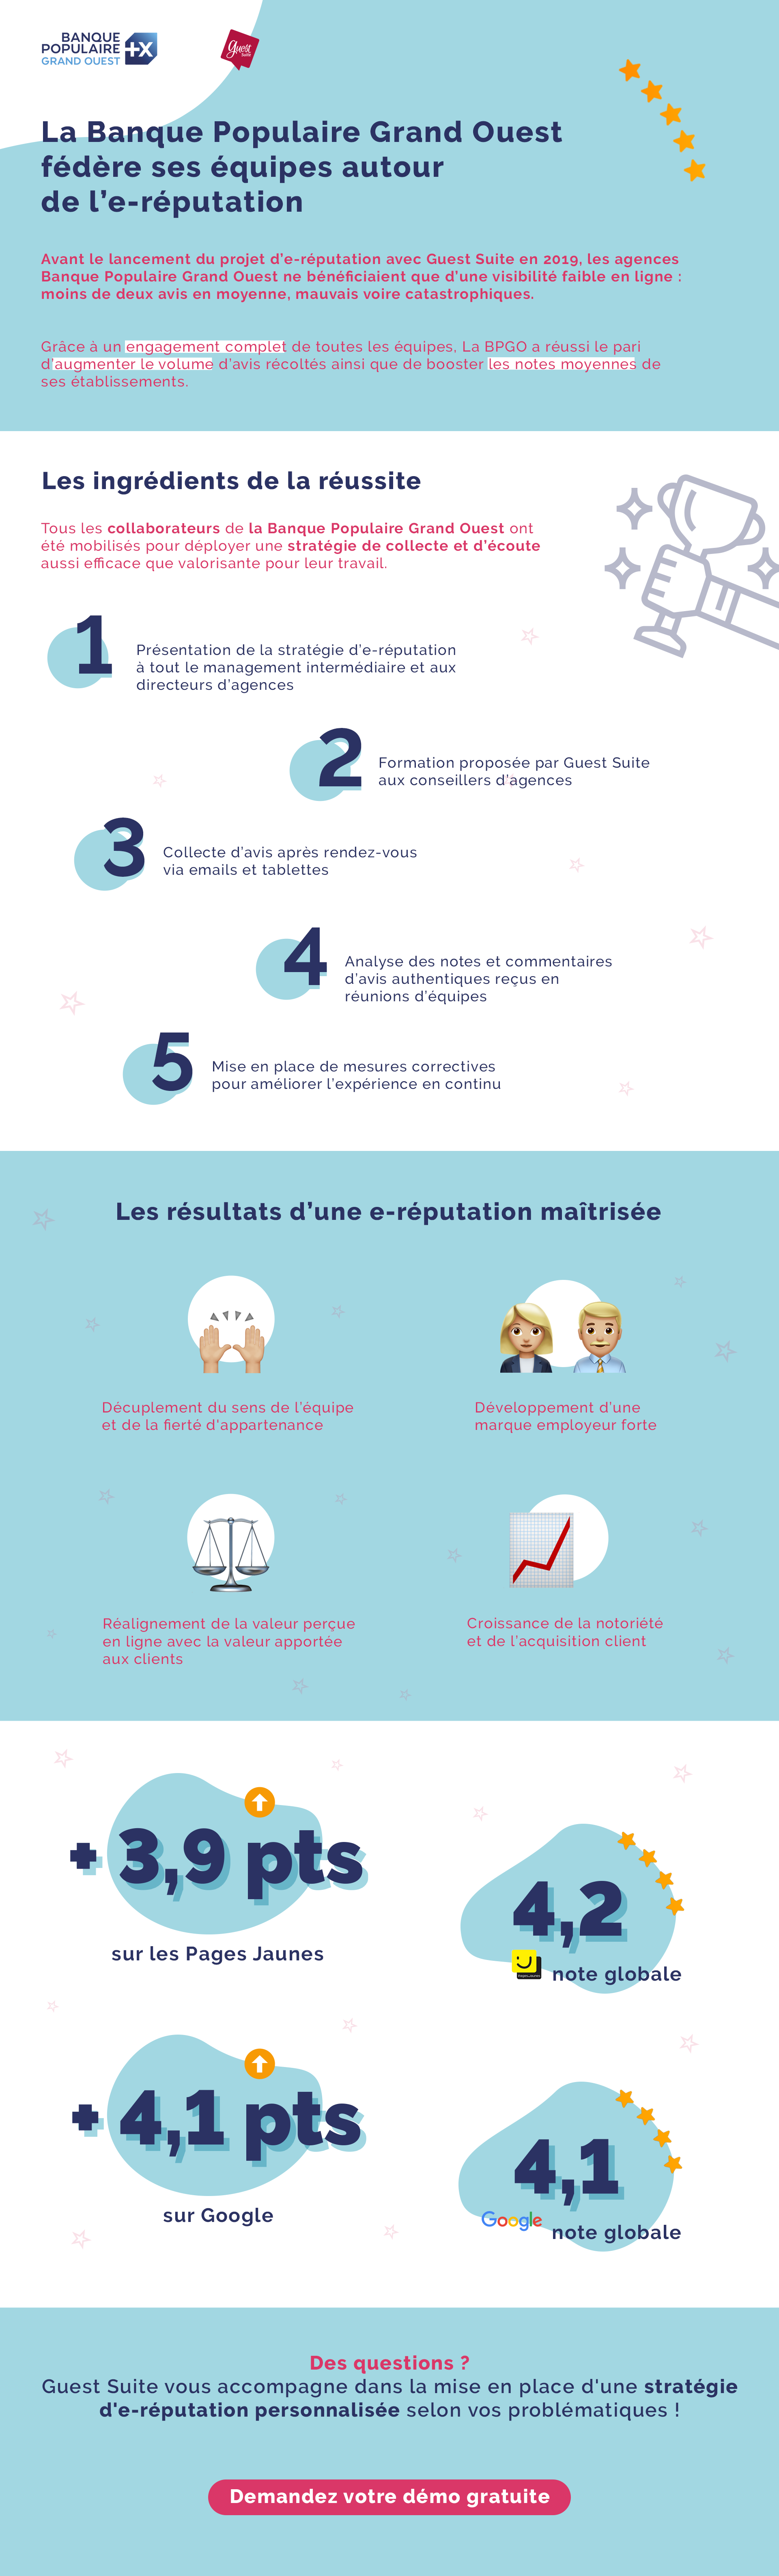 Infographie : La Banque Populaire Grand Ouest fédère ses équipes autour de l'e-réputation